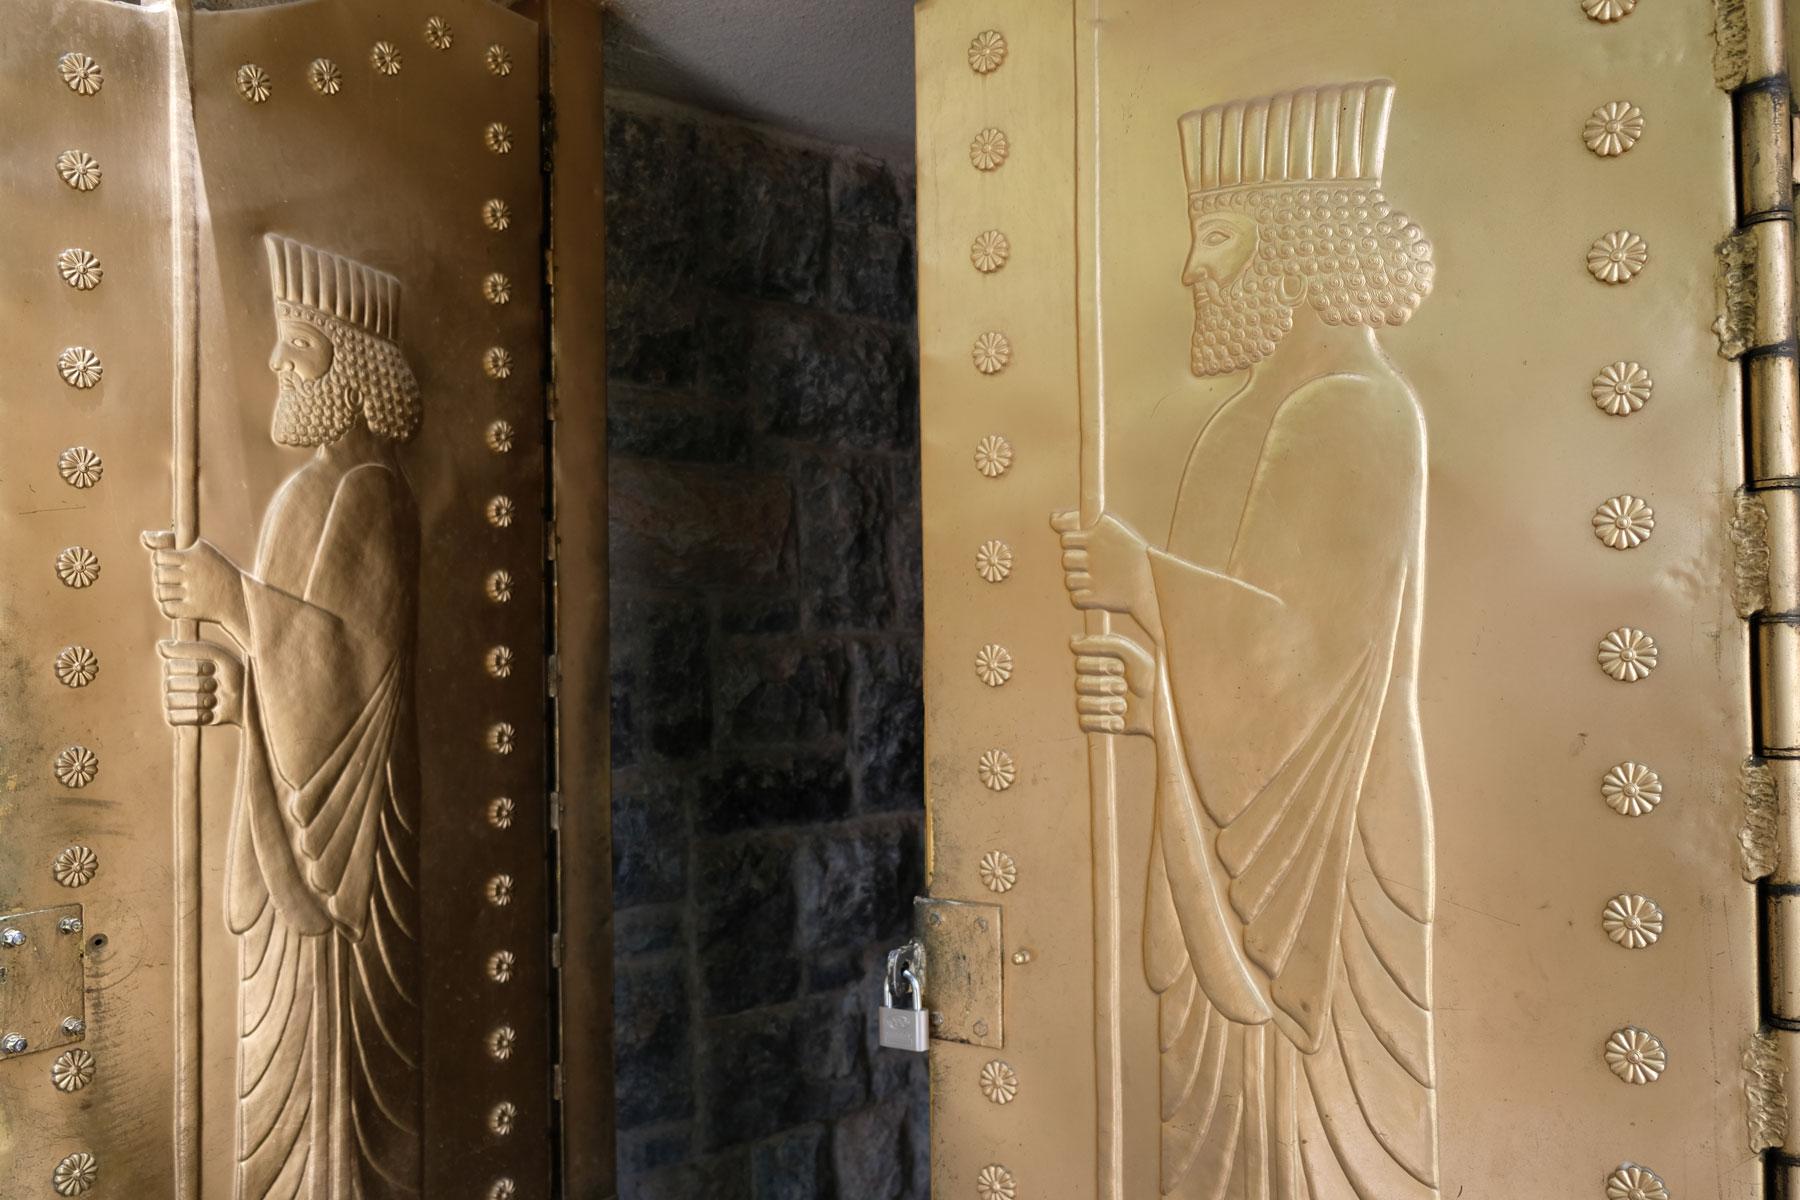 Verzierte Türen am Eingang des Tempels